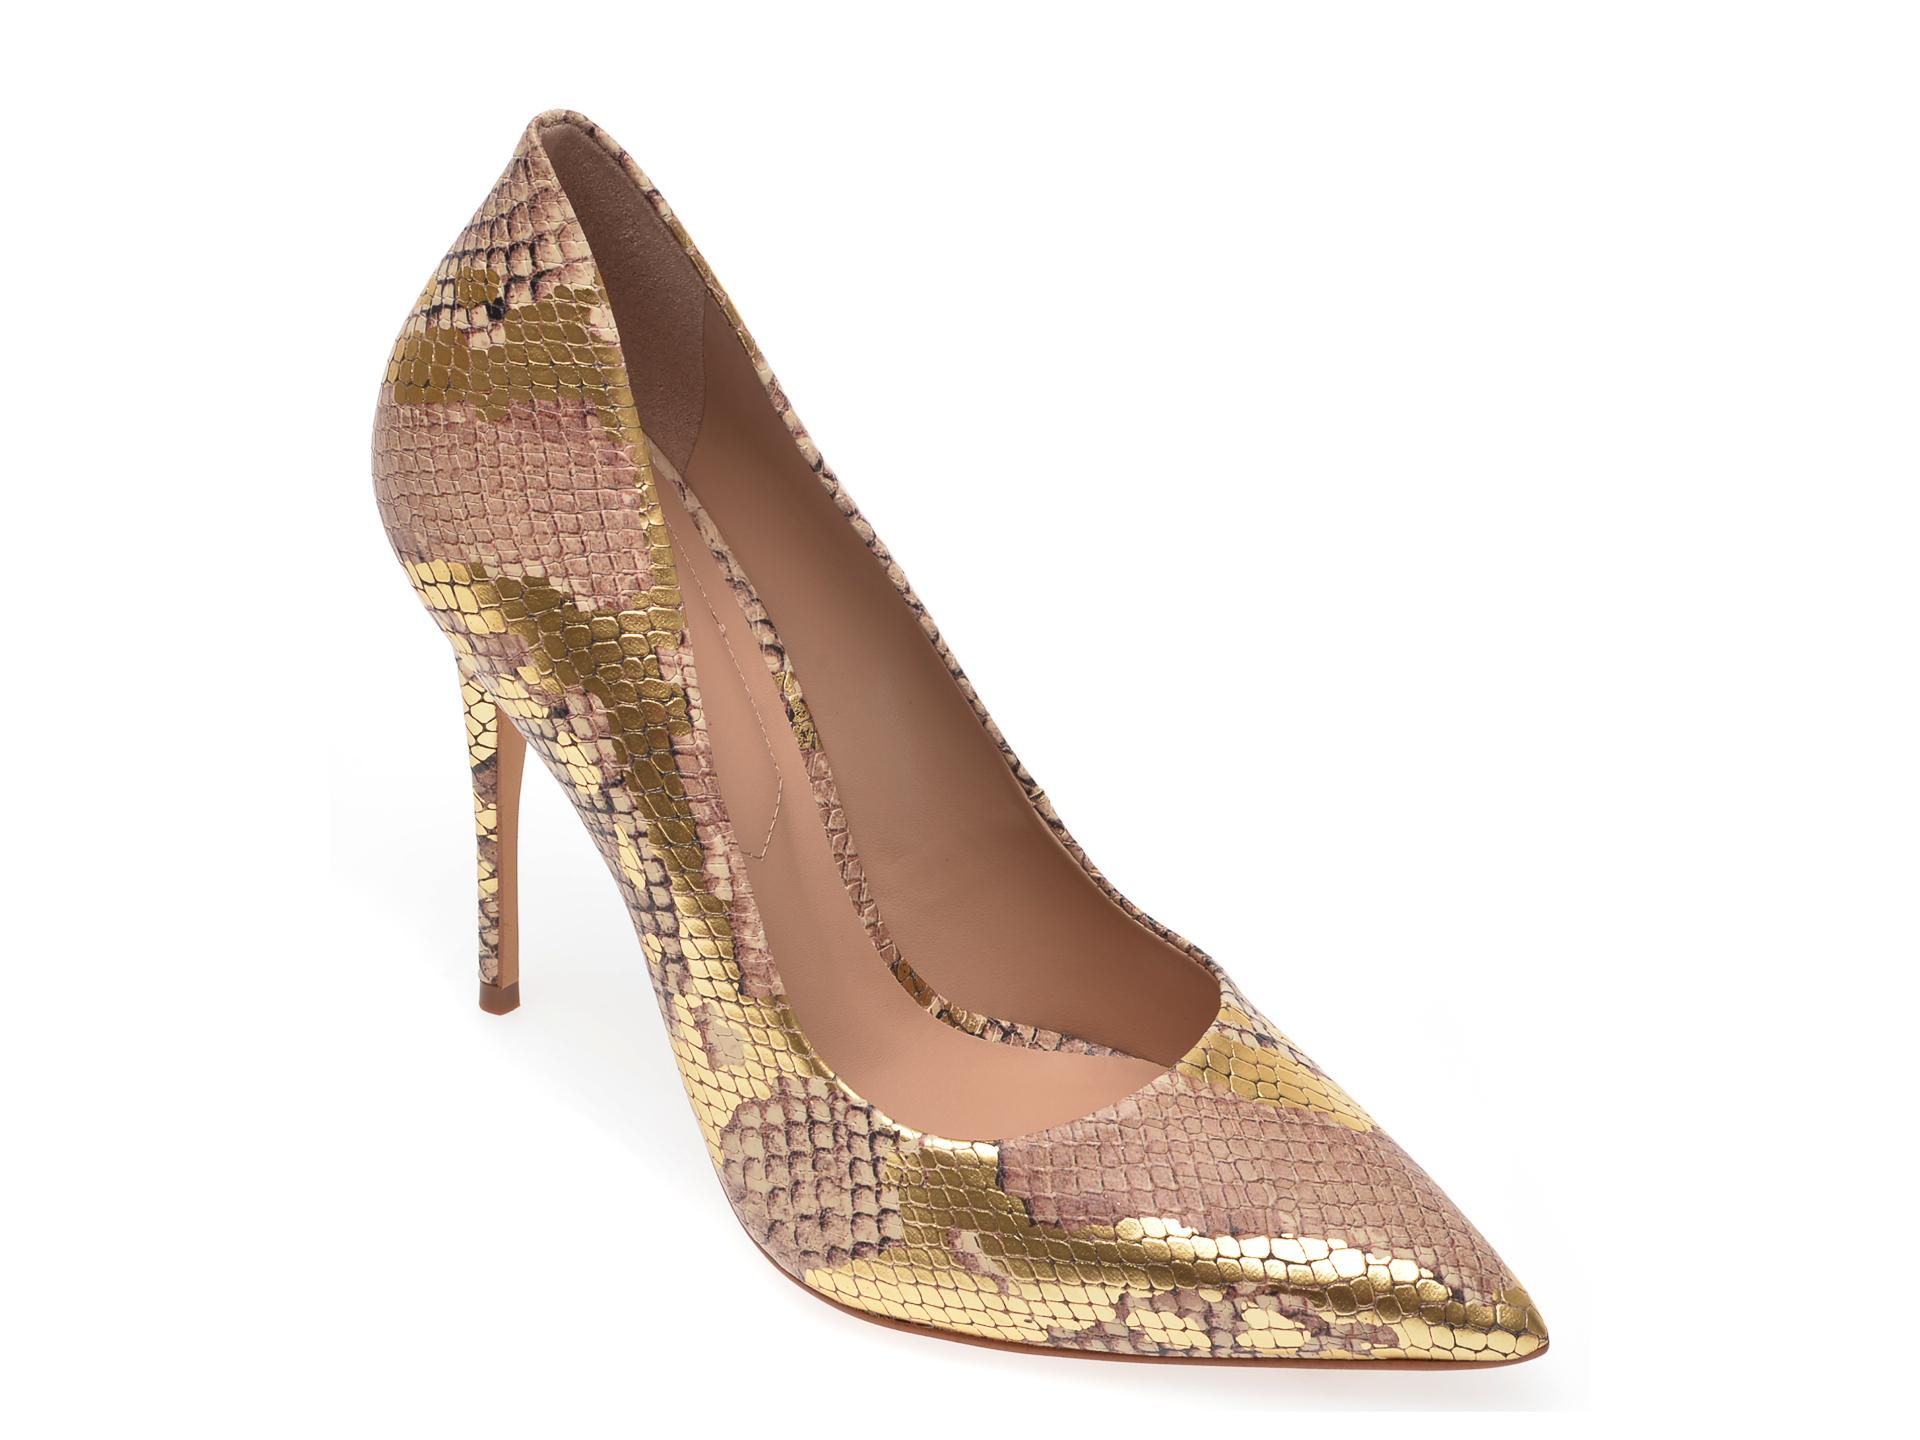 Pantofi ALDO aurii, Cassedy719, din piele ecologica imagine otter.ro 2021